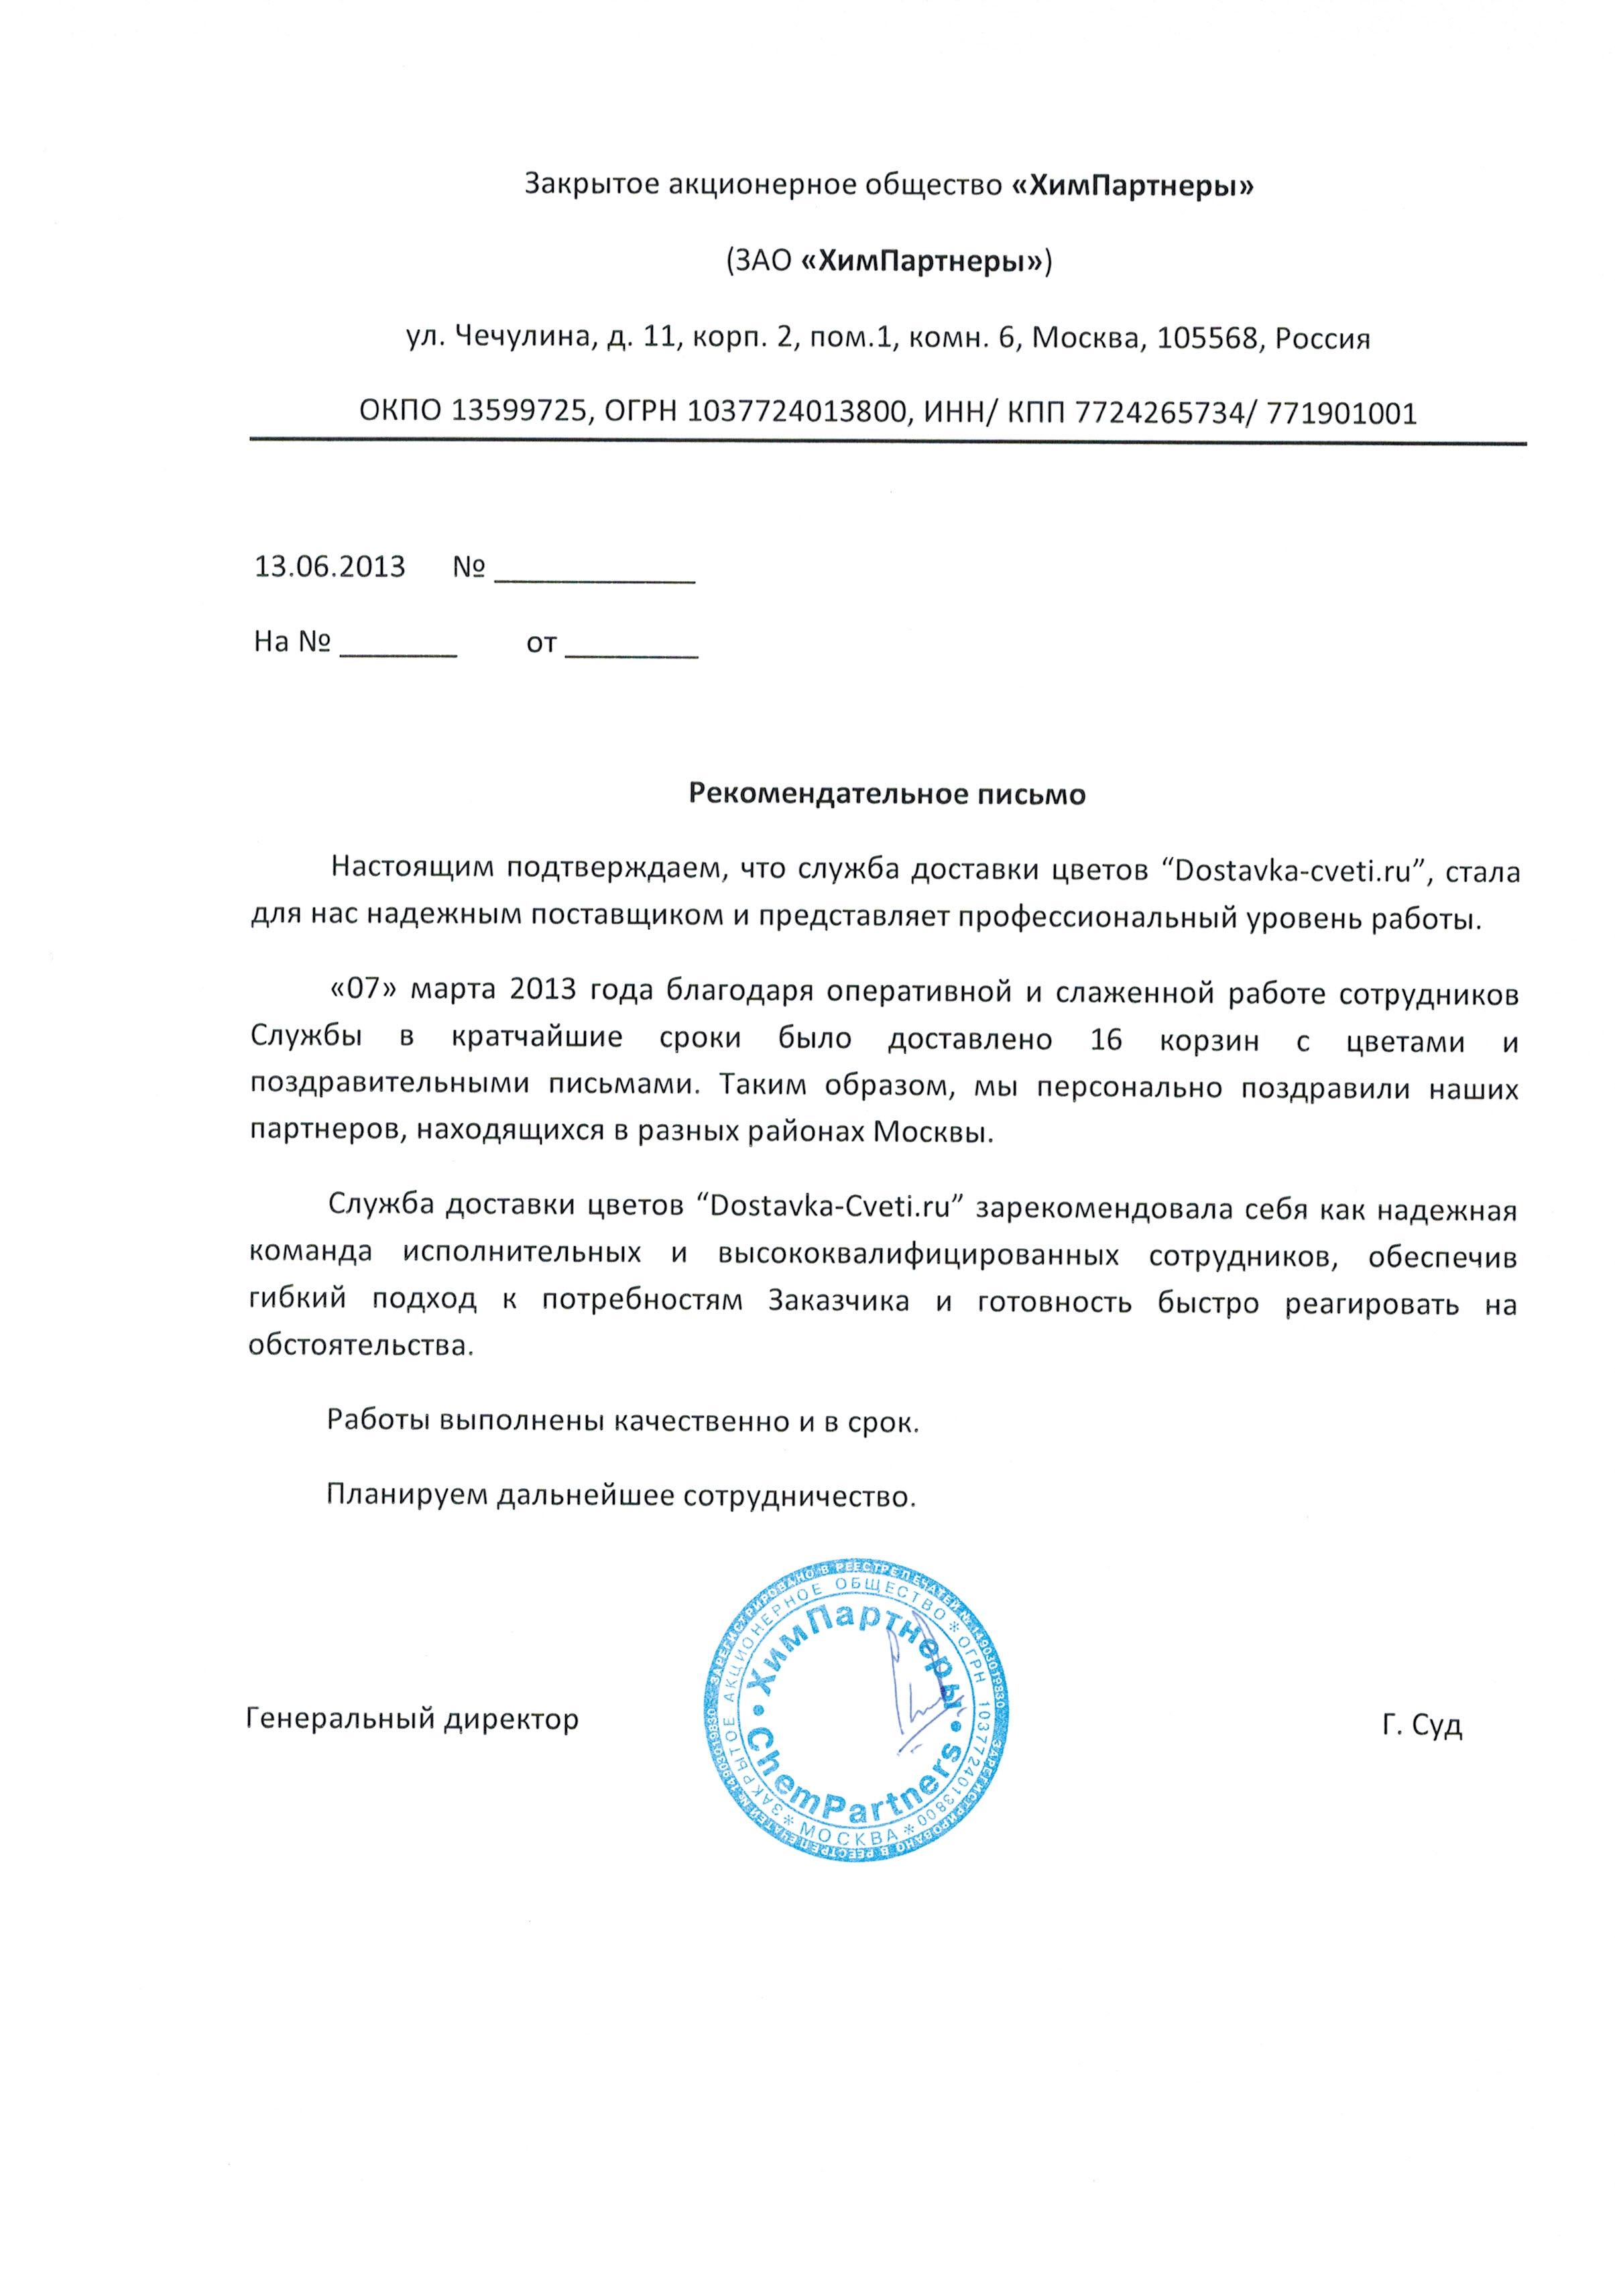 Рекомендательное письмо от ЗАО